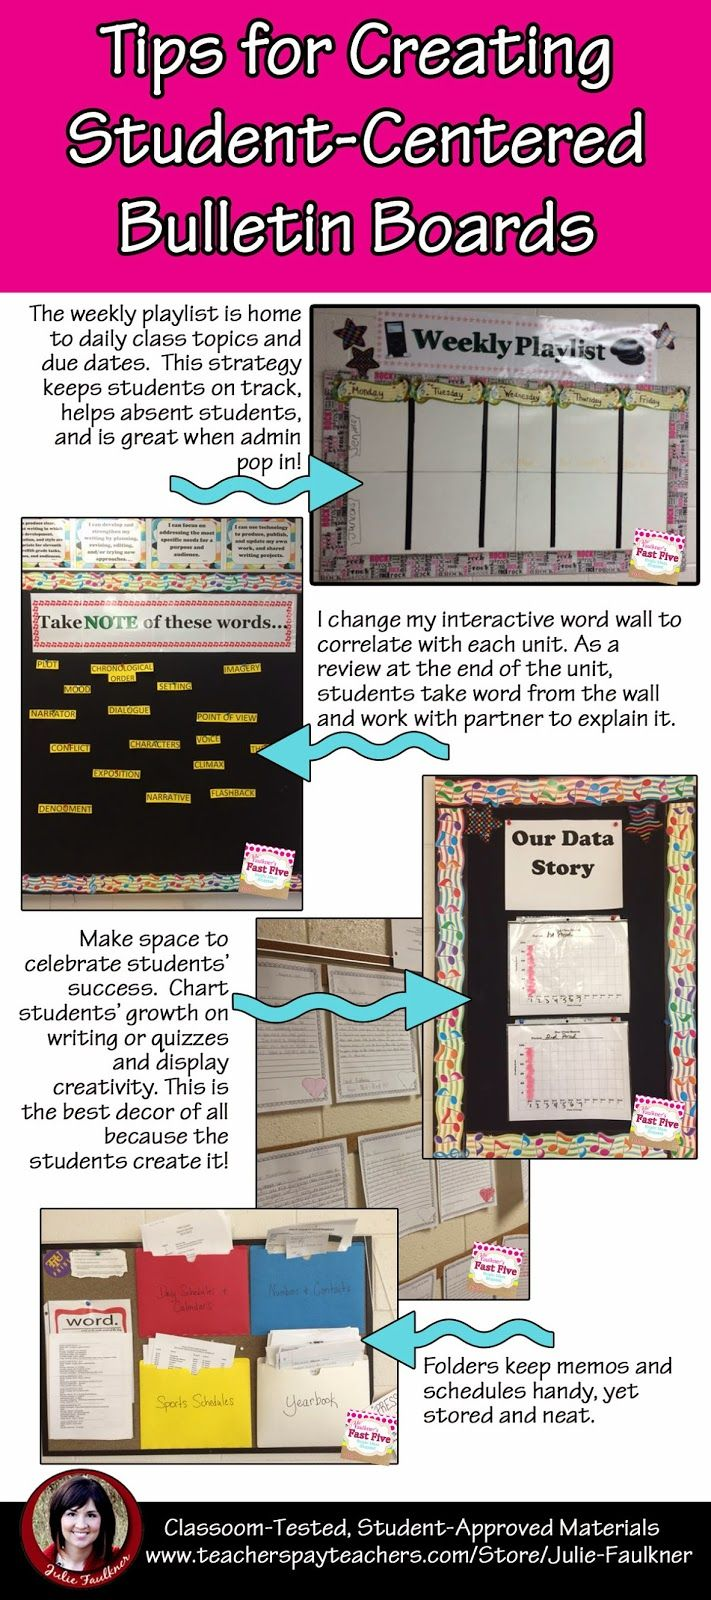 http://www.teacherspayteachers.com/Store/Julie-Faulkner